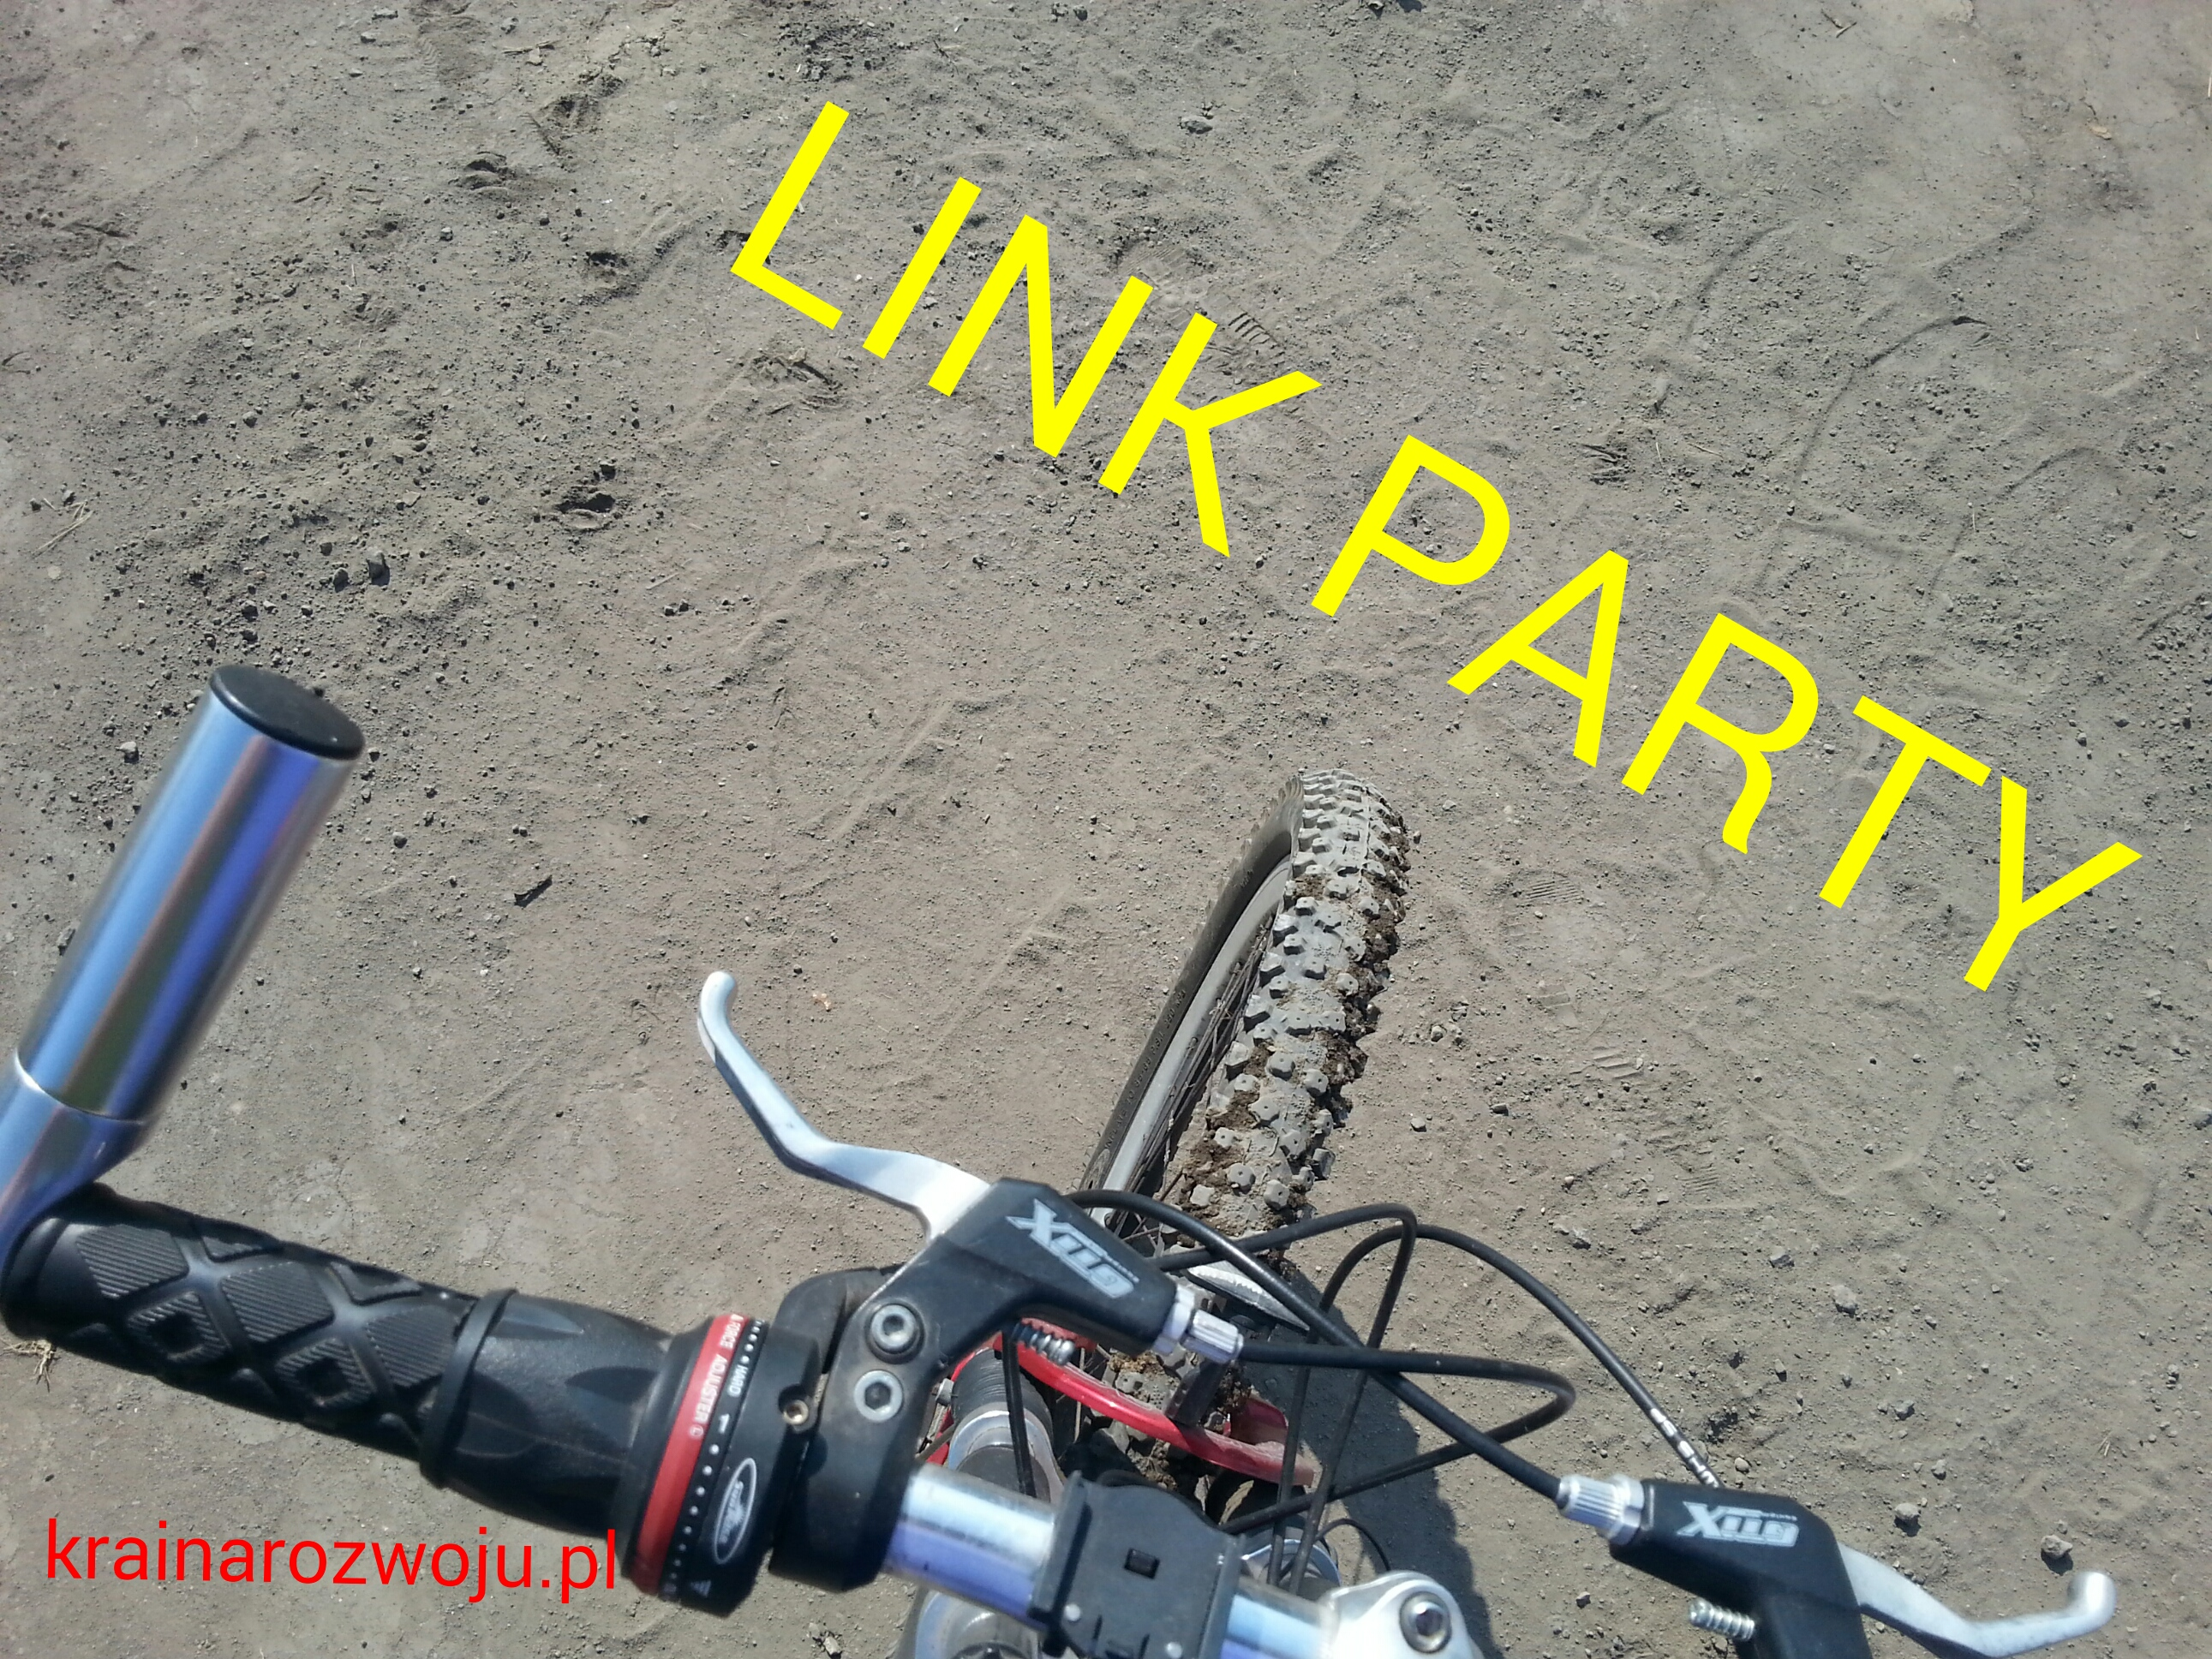 Link party kraina rozwoju